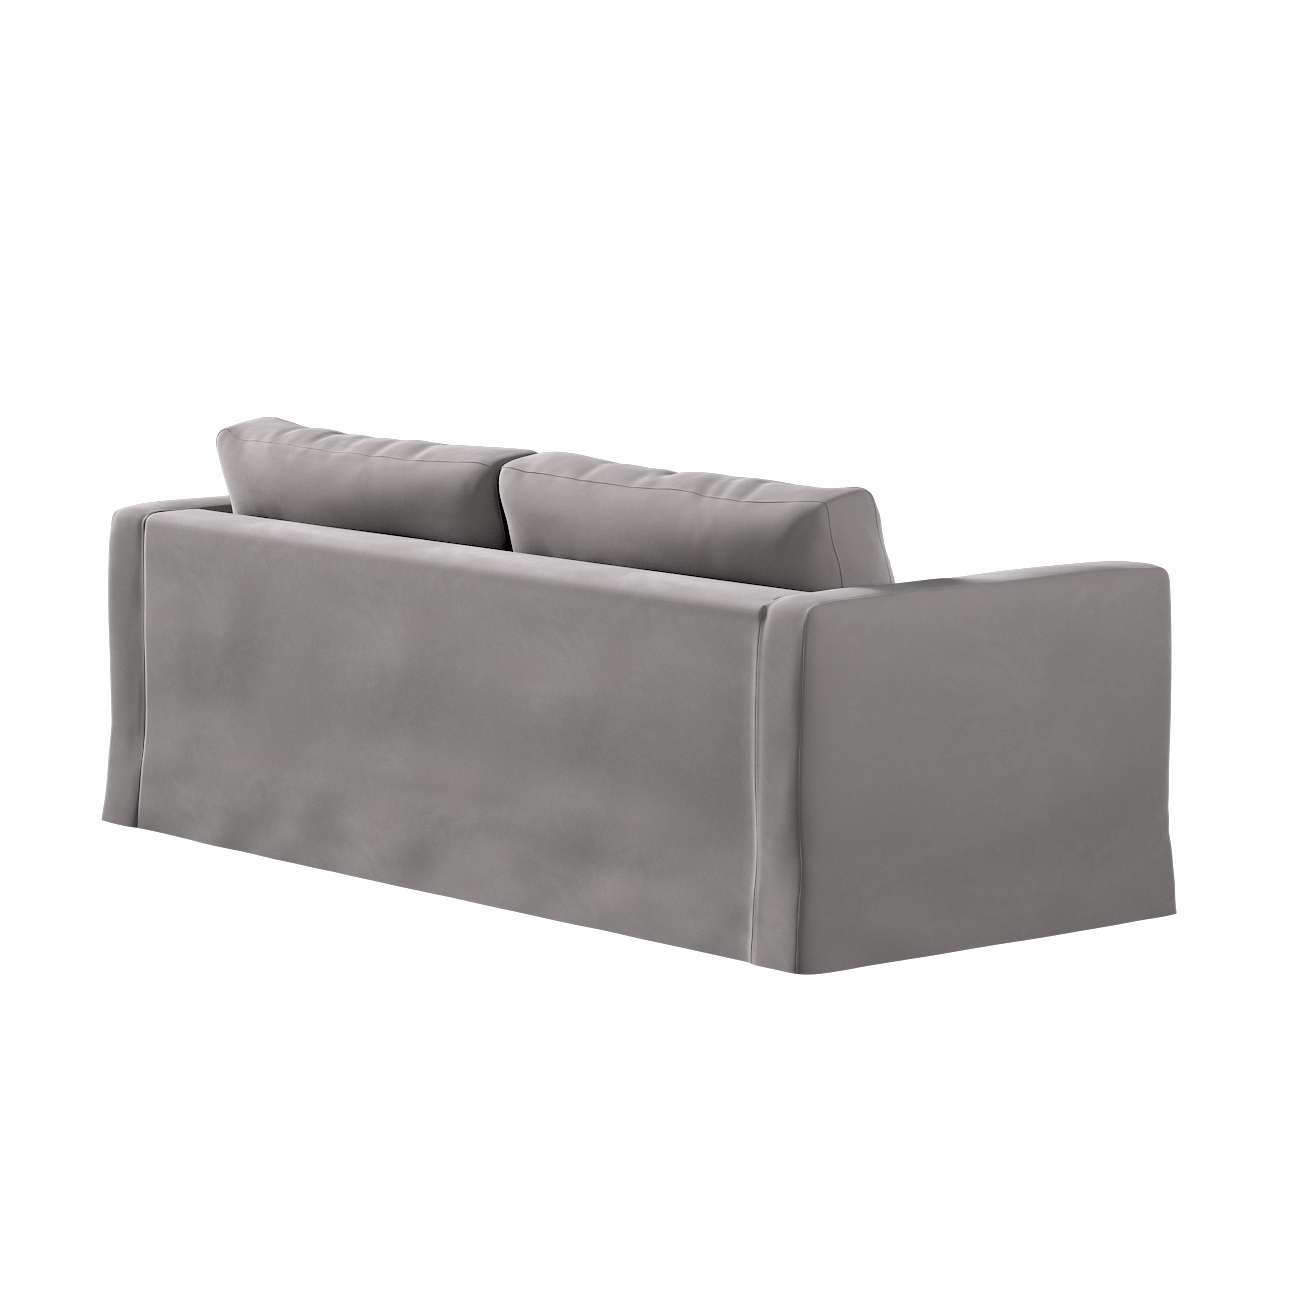 Hoes (lang) voor IKEA-Karlstad 3-zitsbank van de collectie Velvet, Stof: 704-11